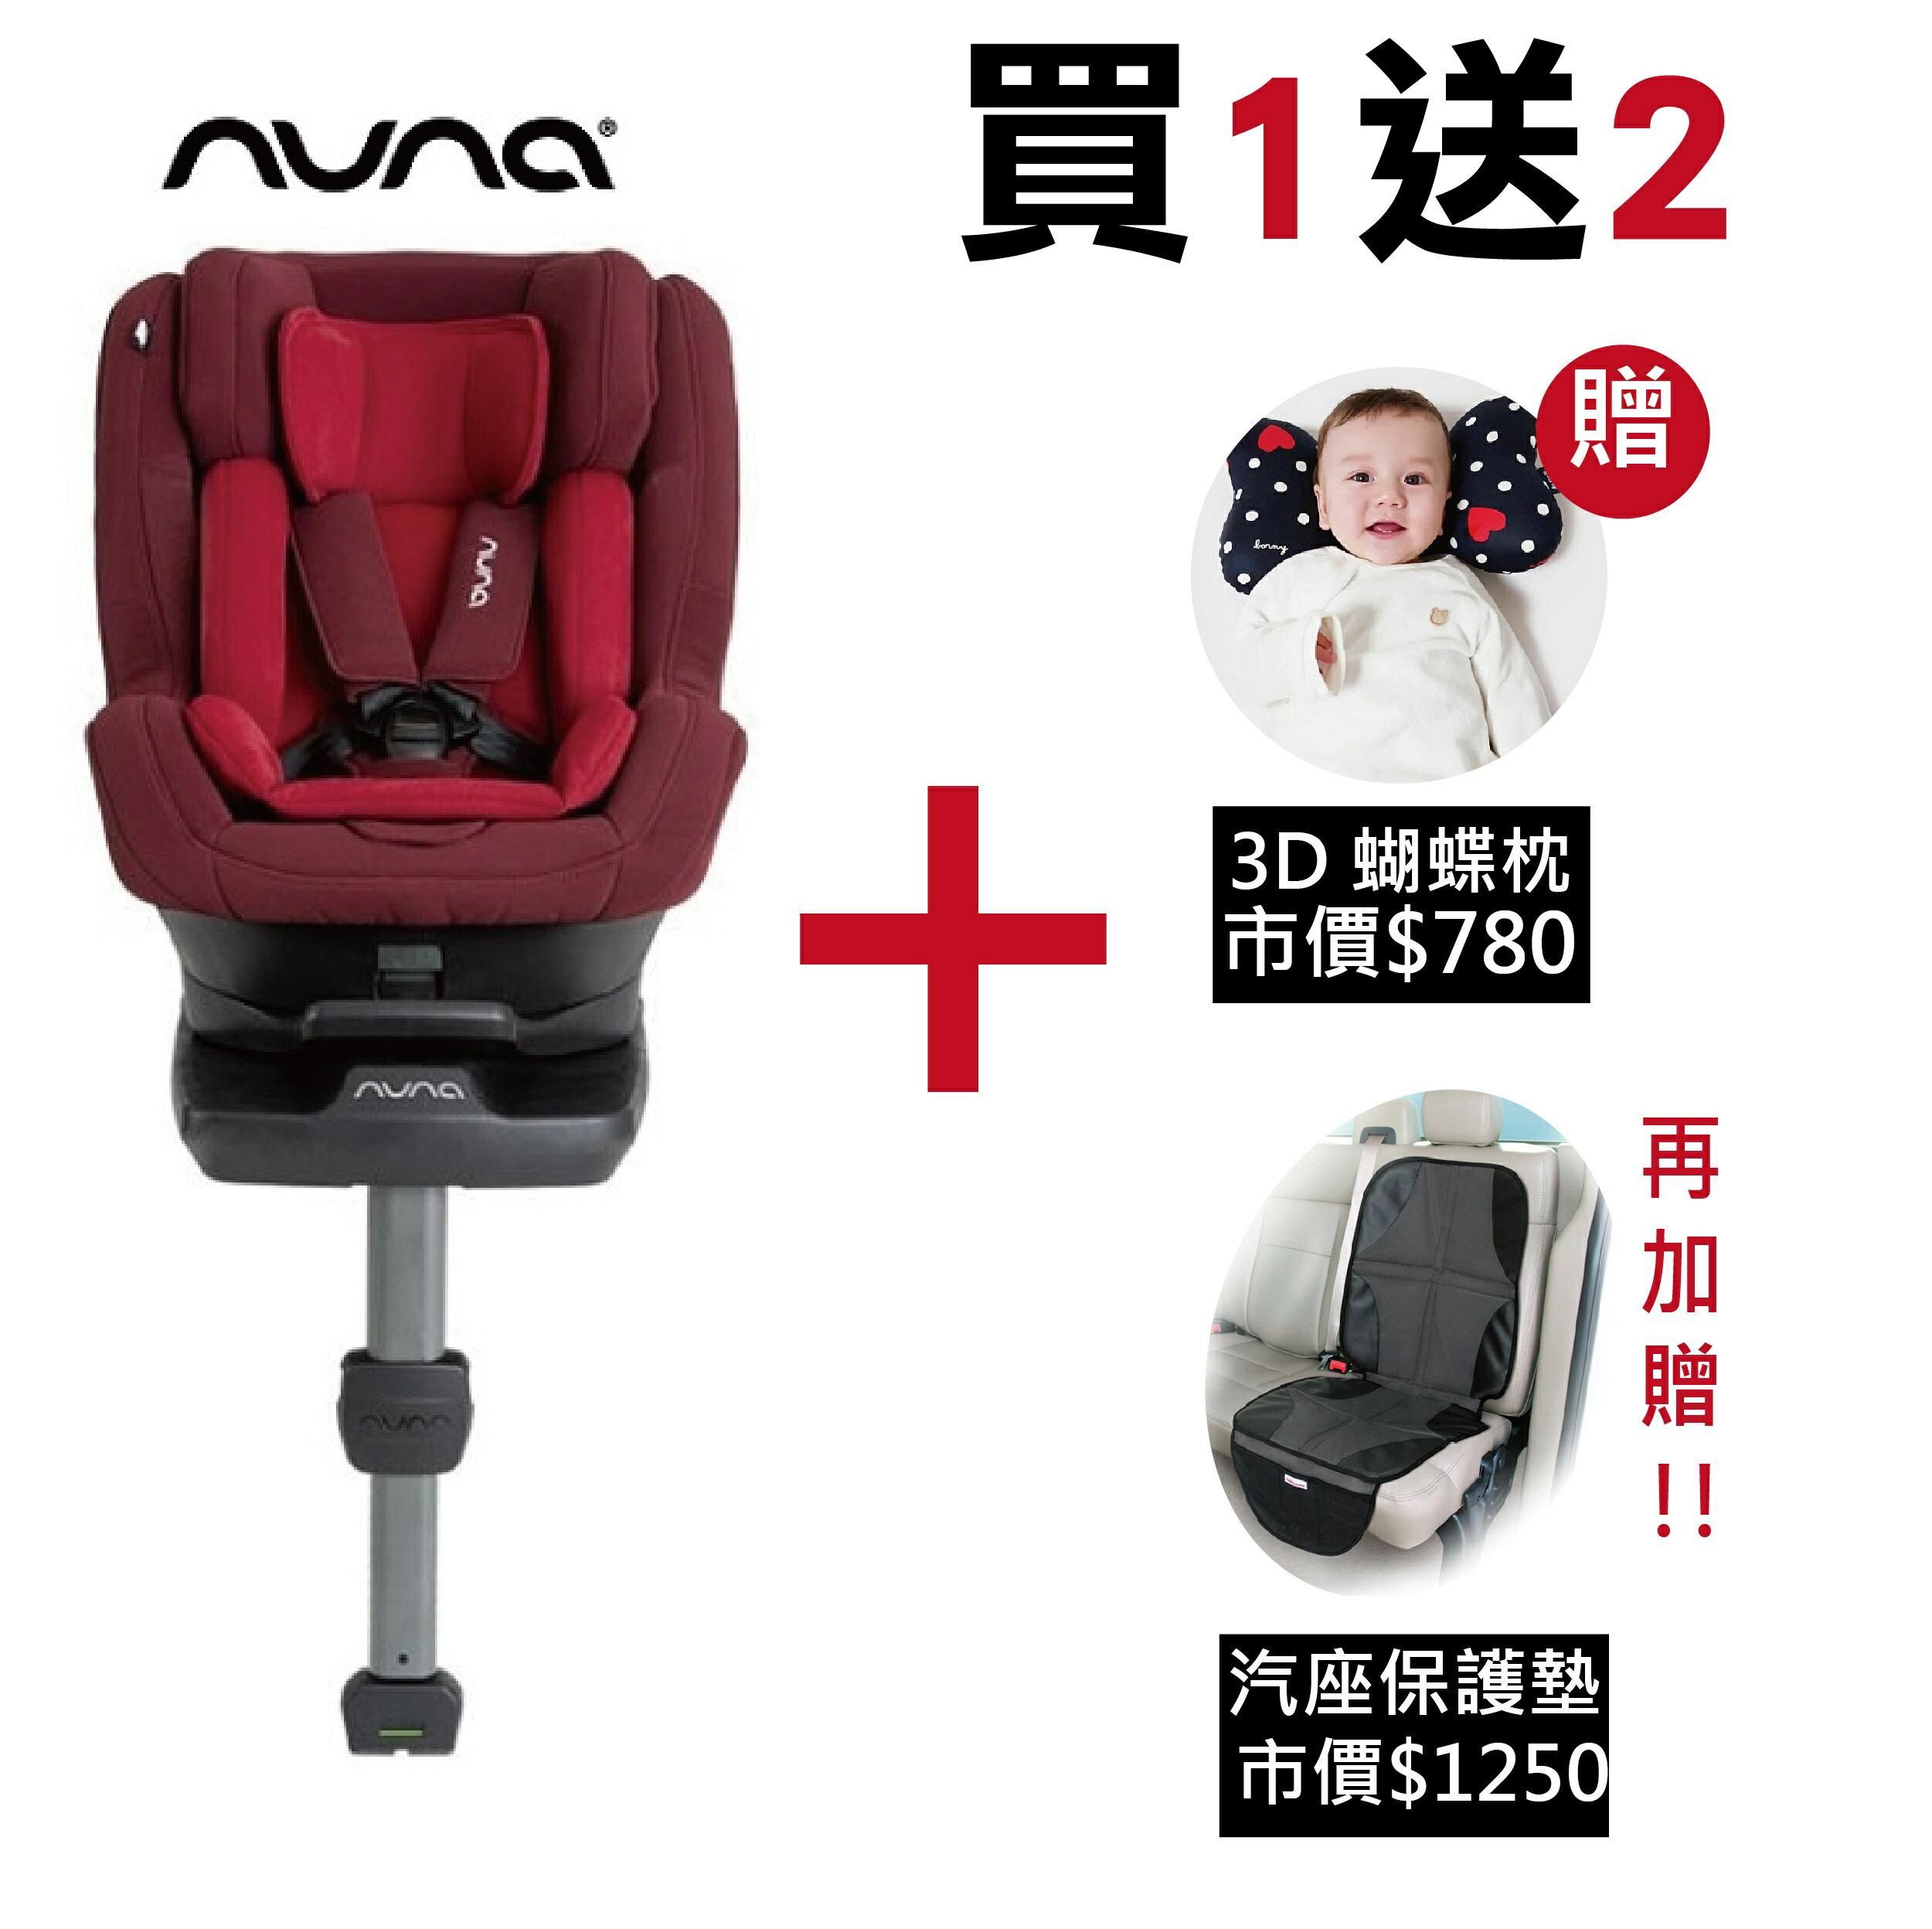 【限量贈borny蝴蝶枕&汽座保護墊!!】荷蘭【Nuna】rebl 兒童安全座椅-紅色 0